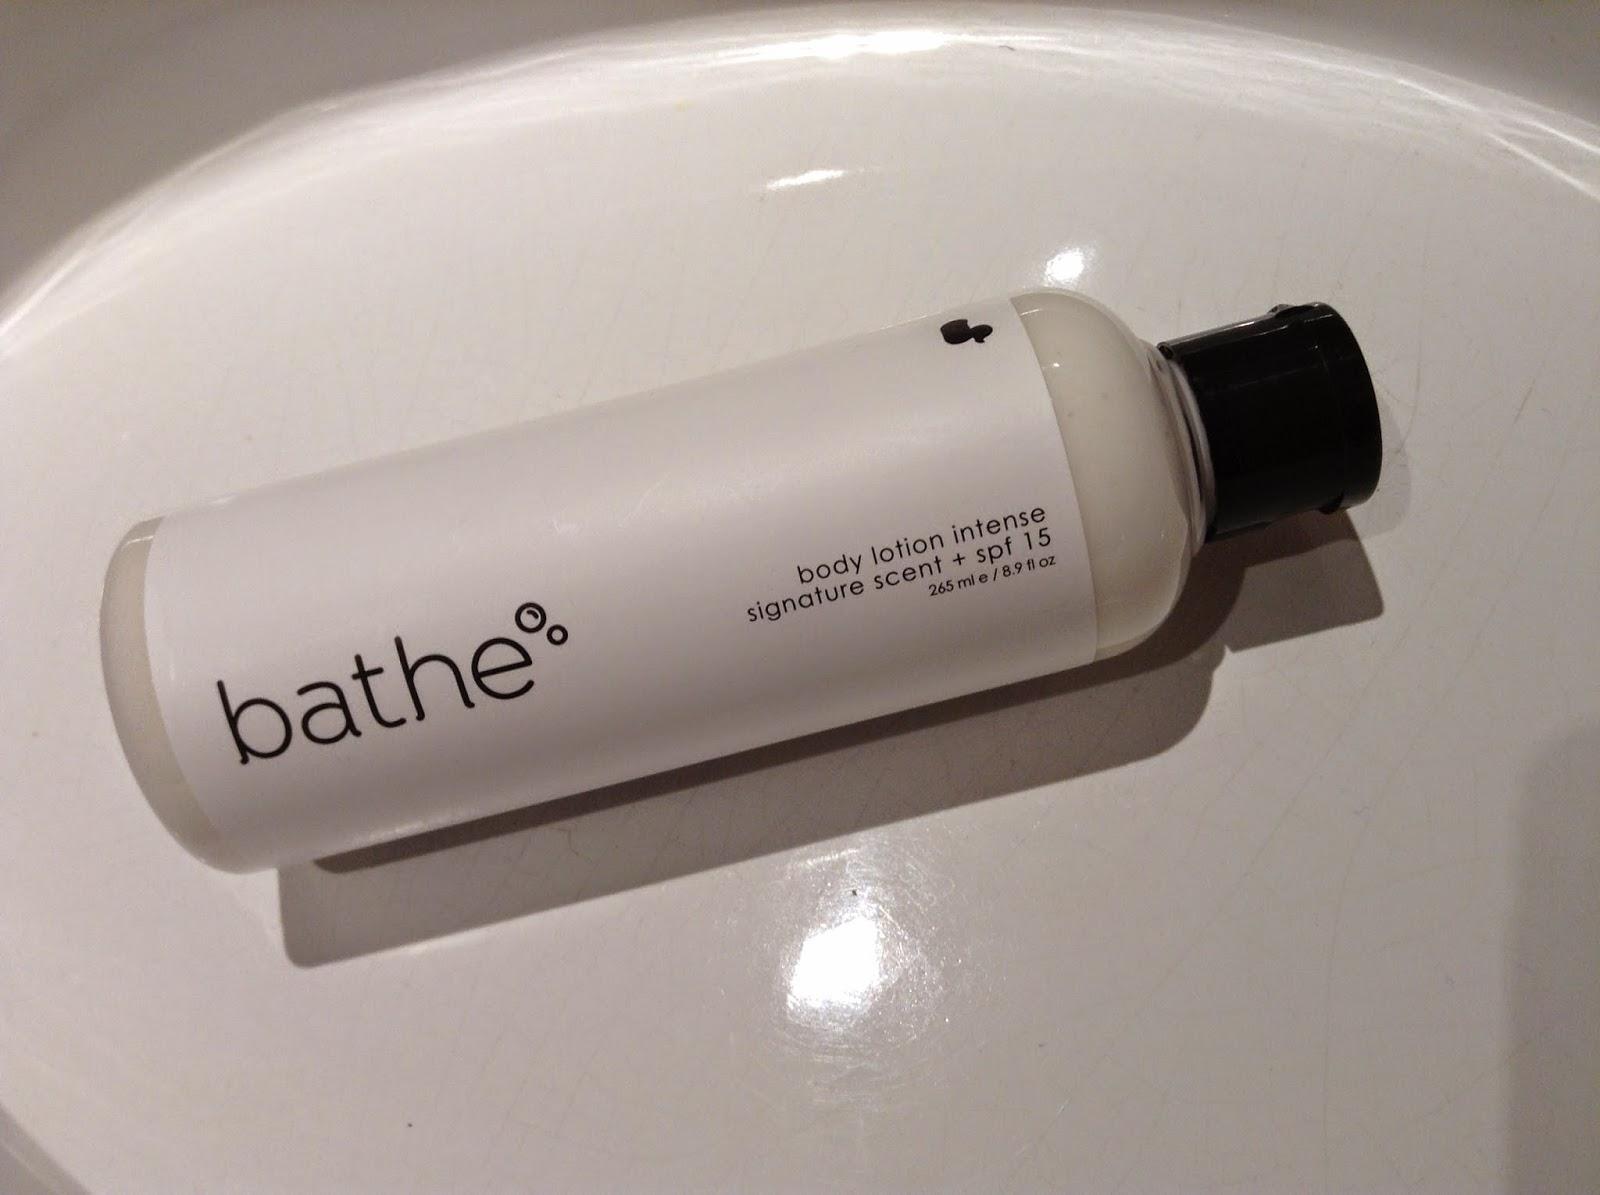 >> 東南亞渡假香氣*Bathe 皇牌香氛滋潤身體乳液